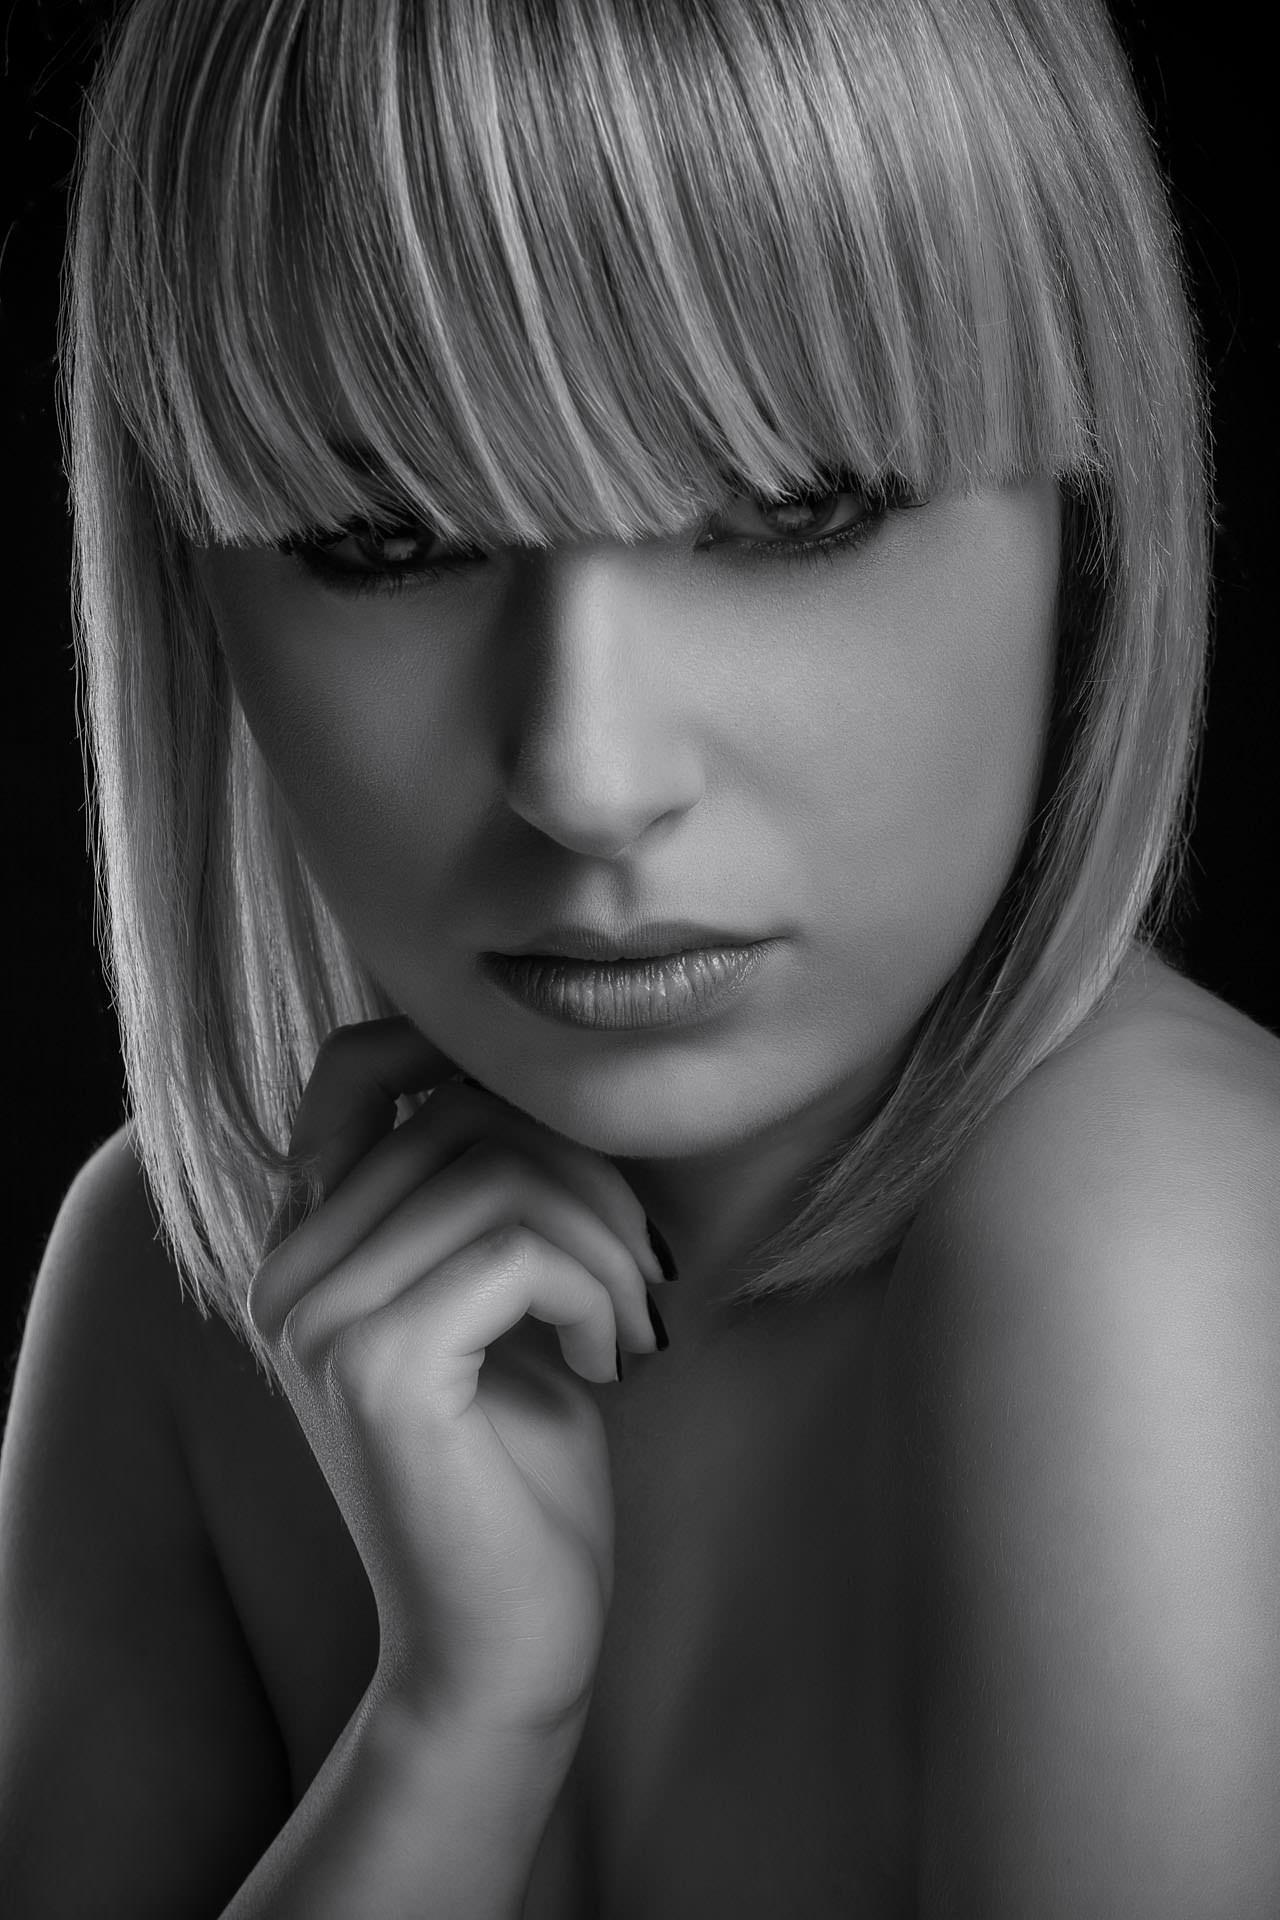 2014-01-24 - Coralie - Studio Jouy - 5469 - 1920px